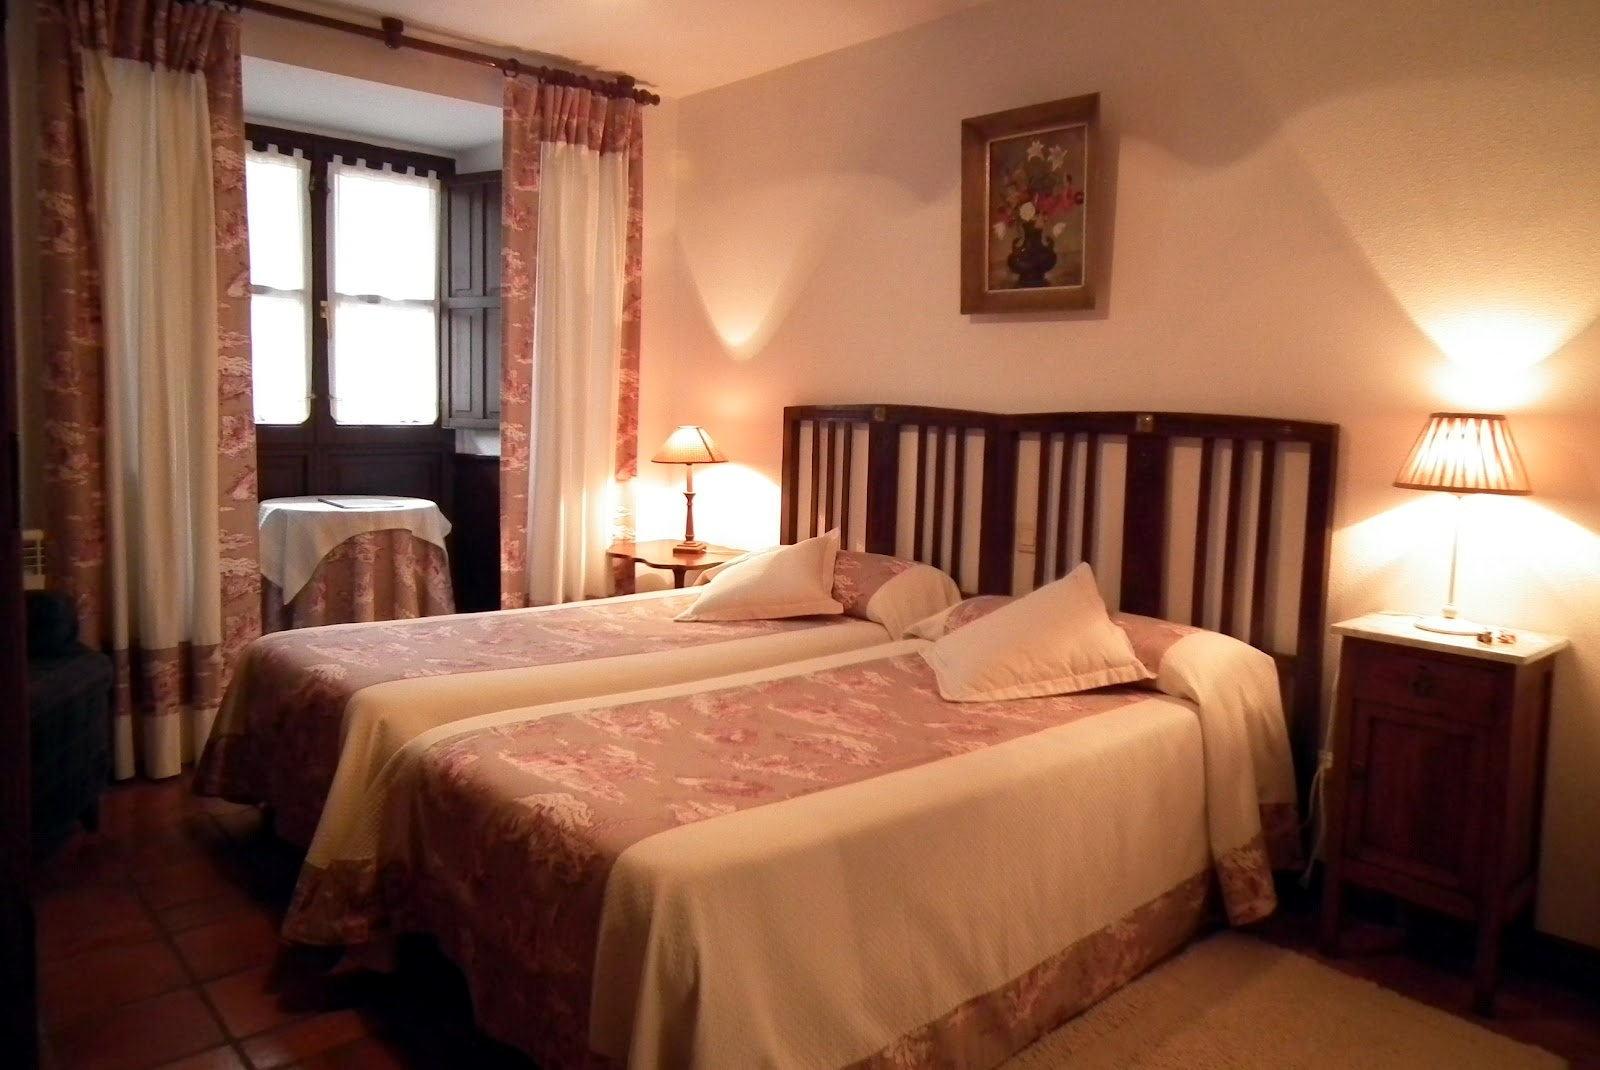 Posada de mu o habitaciones for Habitaciones con dos camas